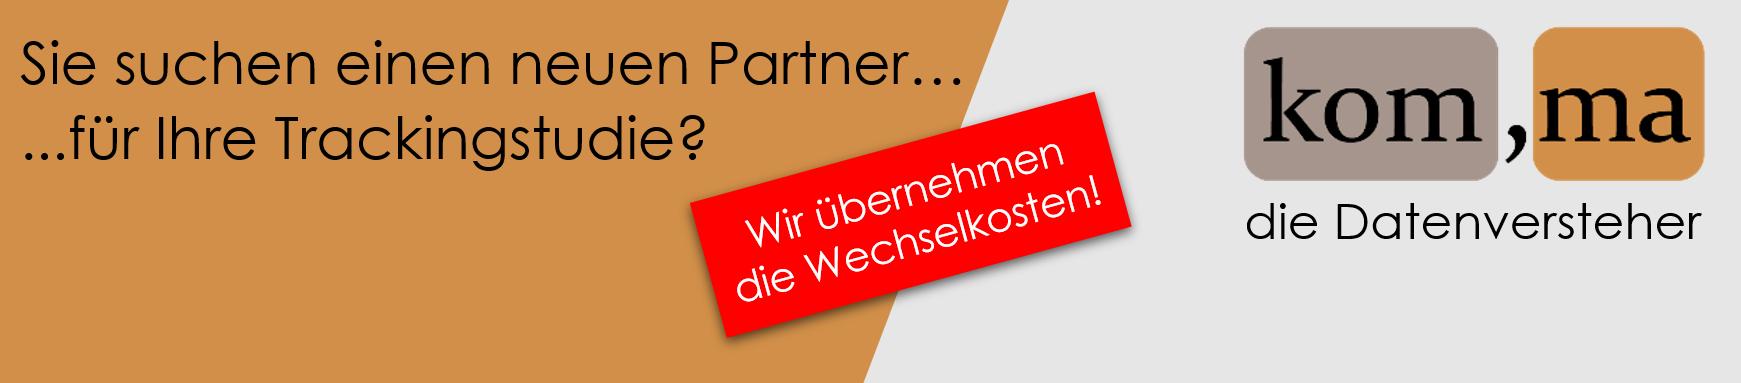 Banner komma als neuer Partner für Trackingstudie